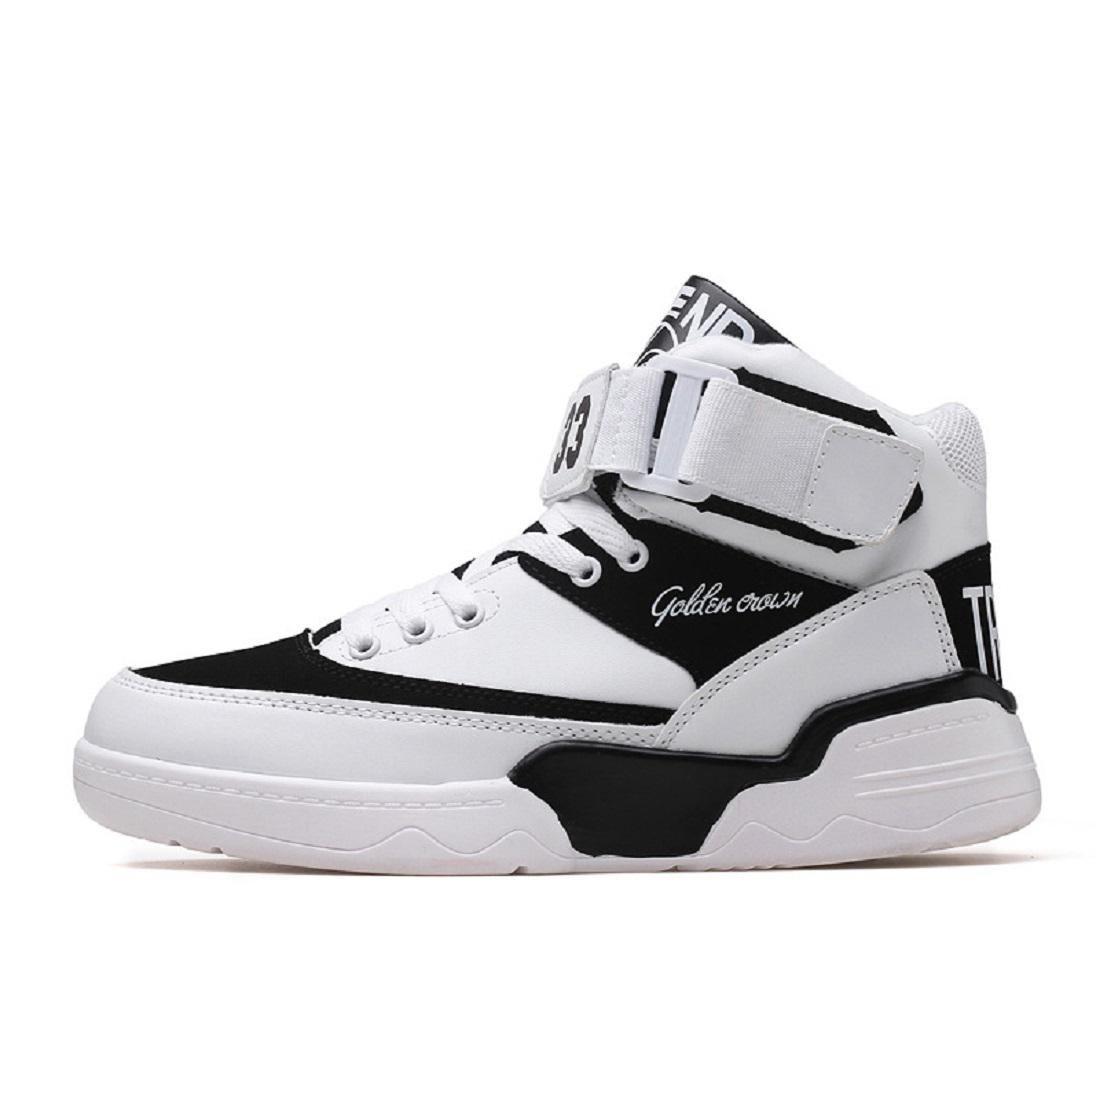 Herren Mode Sportschuhe Erhöht Laufschuhe Basketball Schuhe Schutzfuß Trainer Schuhe erhöhen Draussen Rutschfest wasserdicht EUR GRÖSSE 39-44